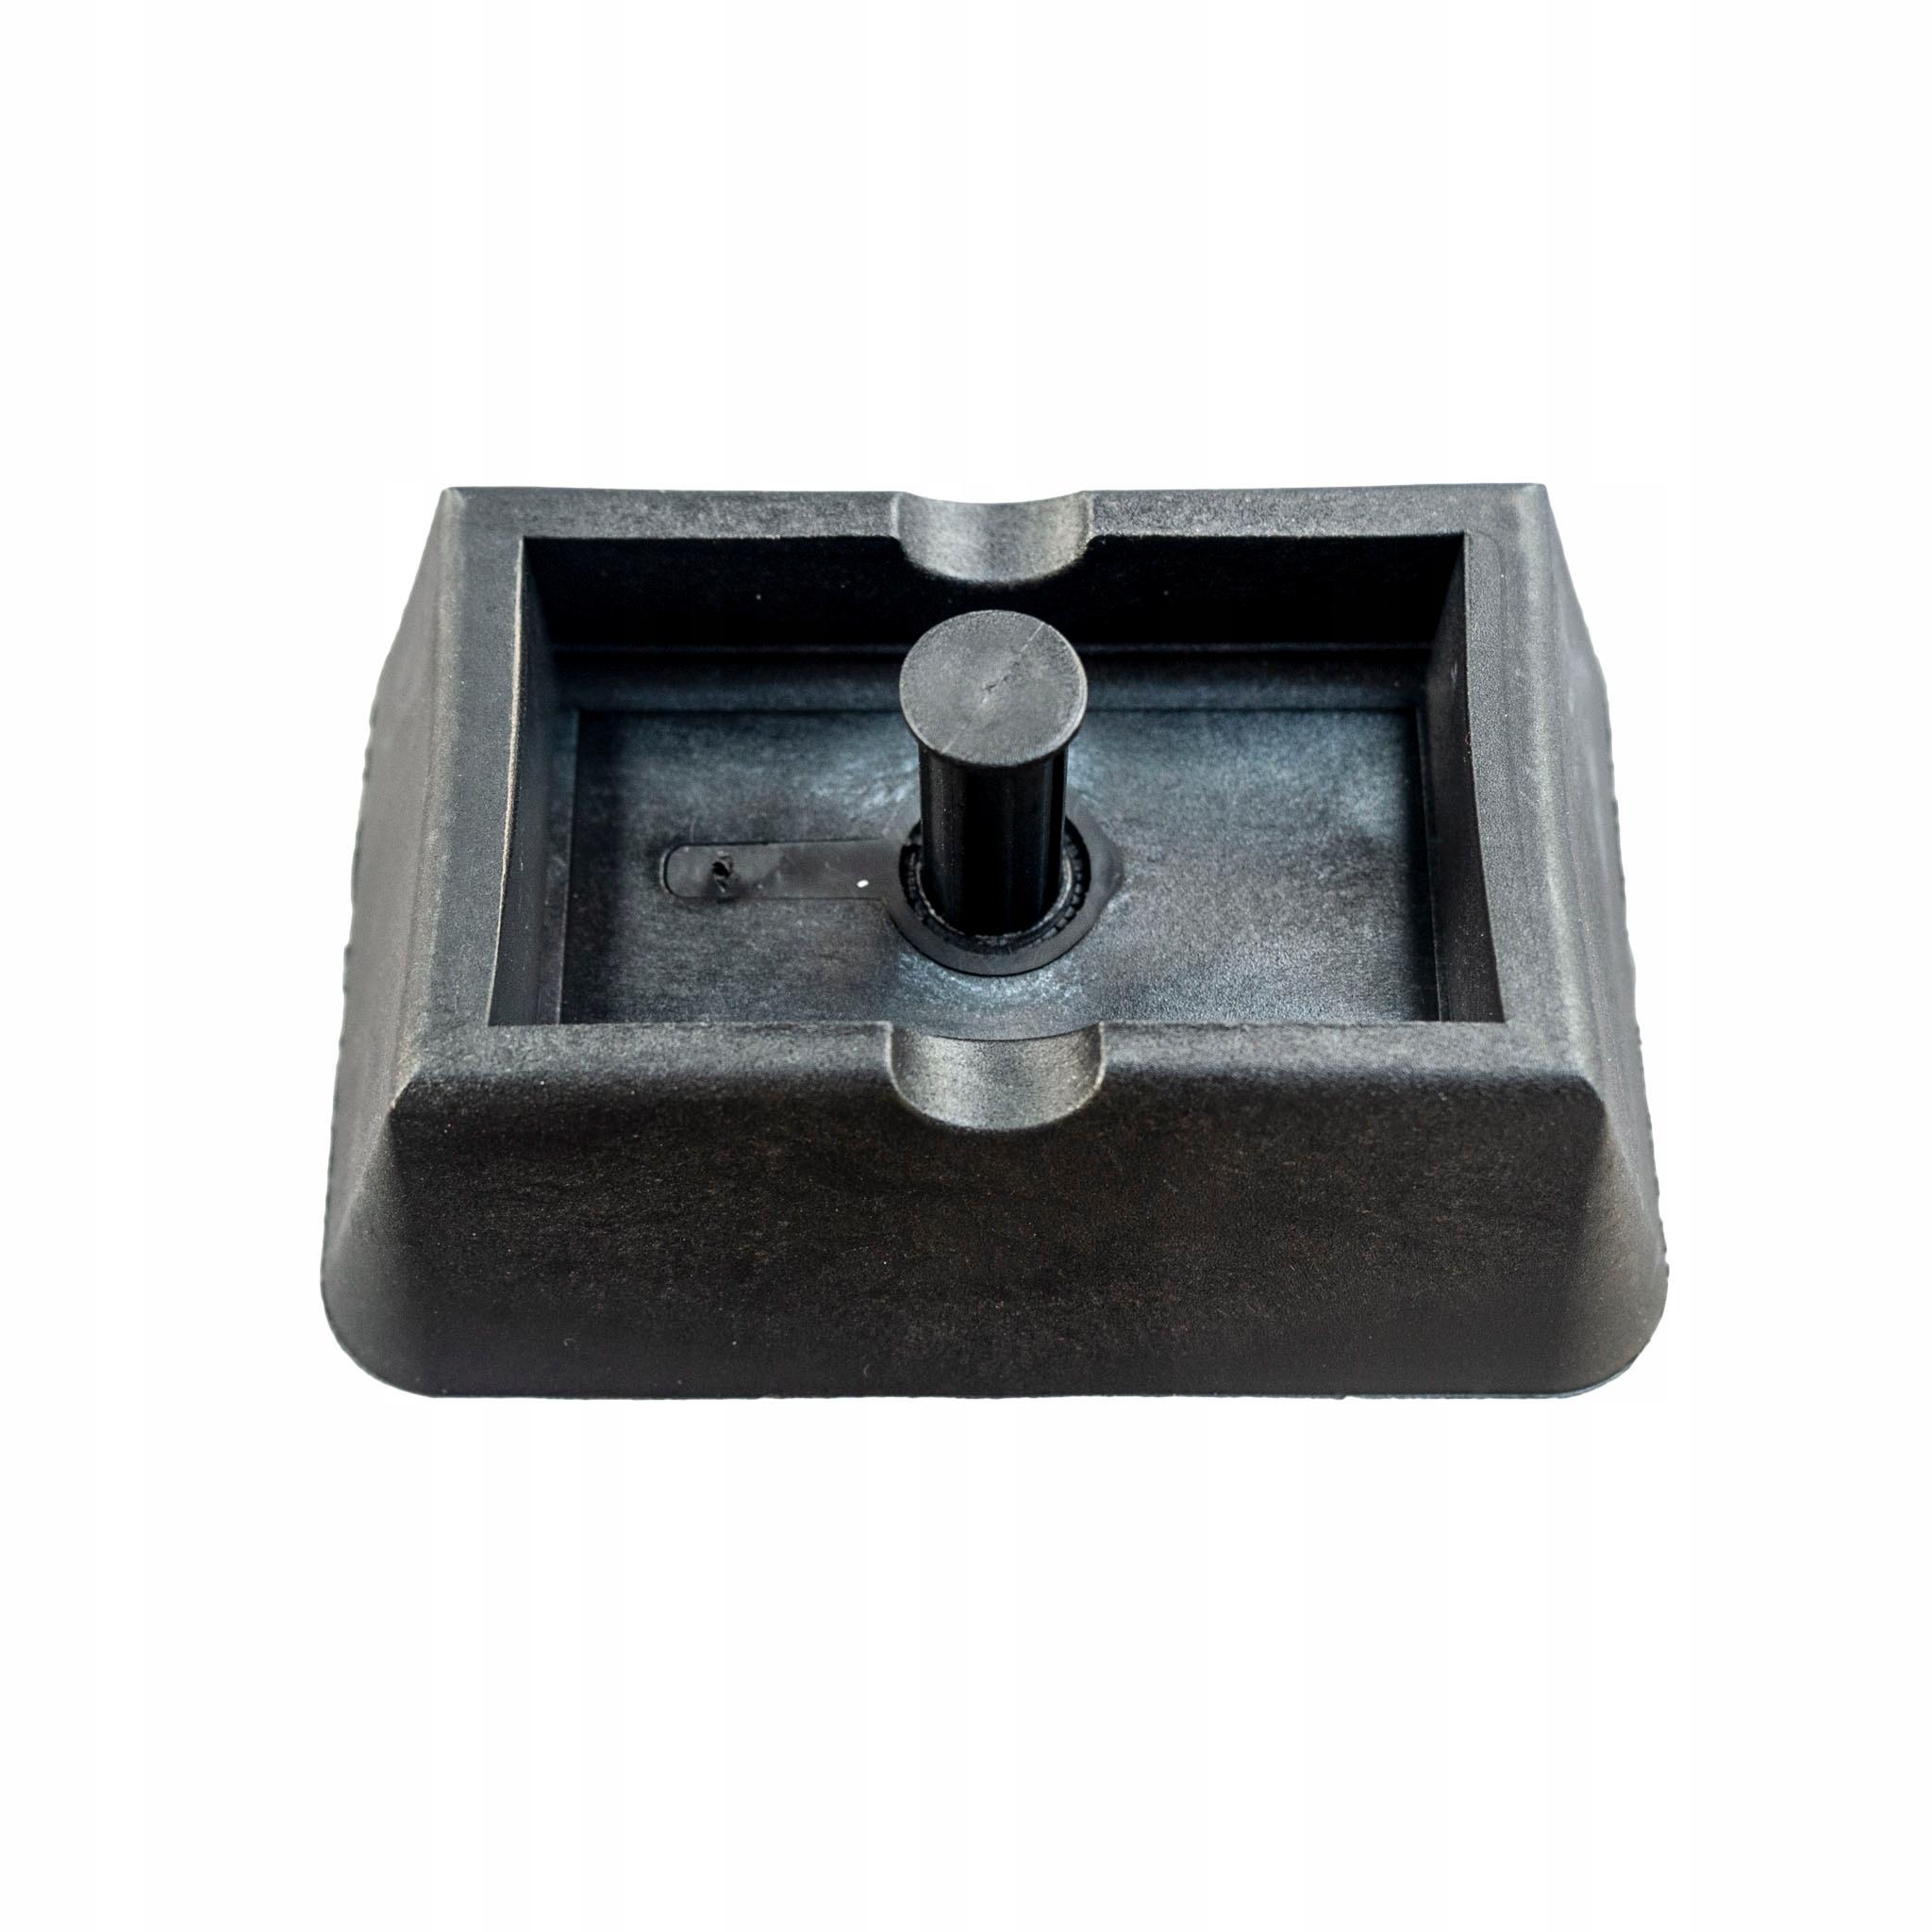 резина подвал шайба под домкрат bmw x5 e53 5 e39